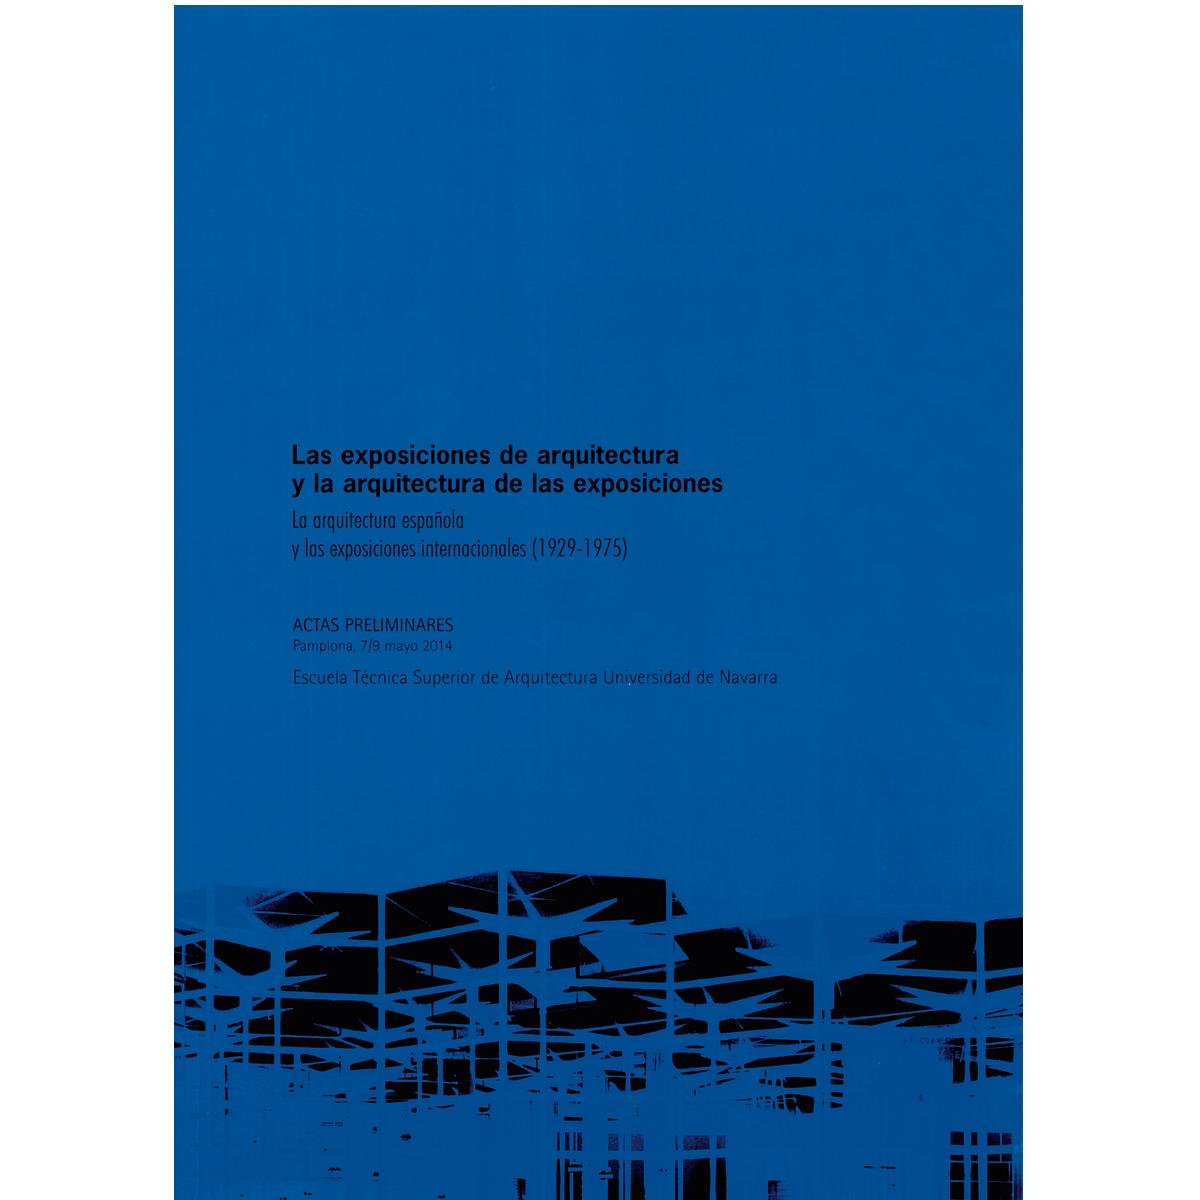 Las exposiciones de arquitectura y la arquitectura de las exposiciones